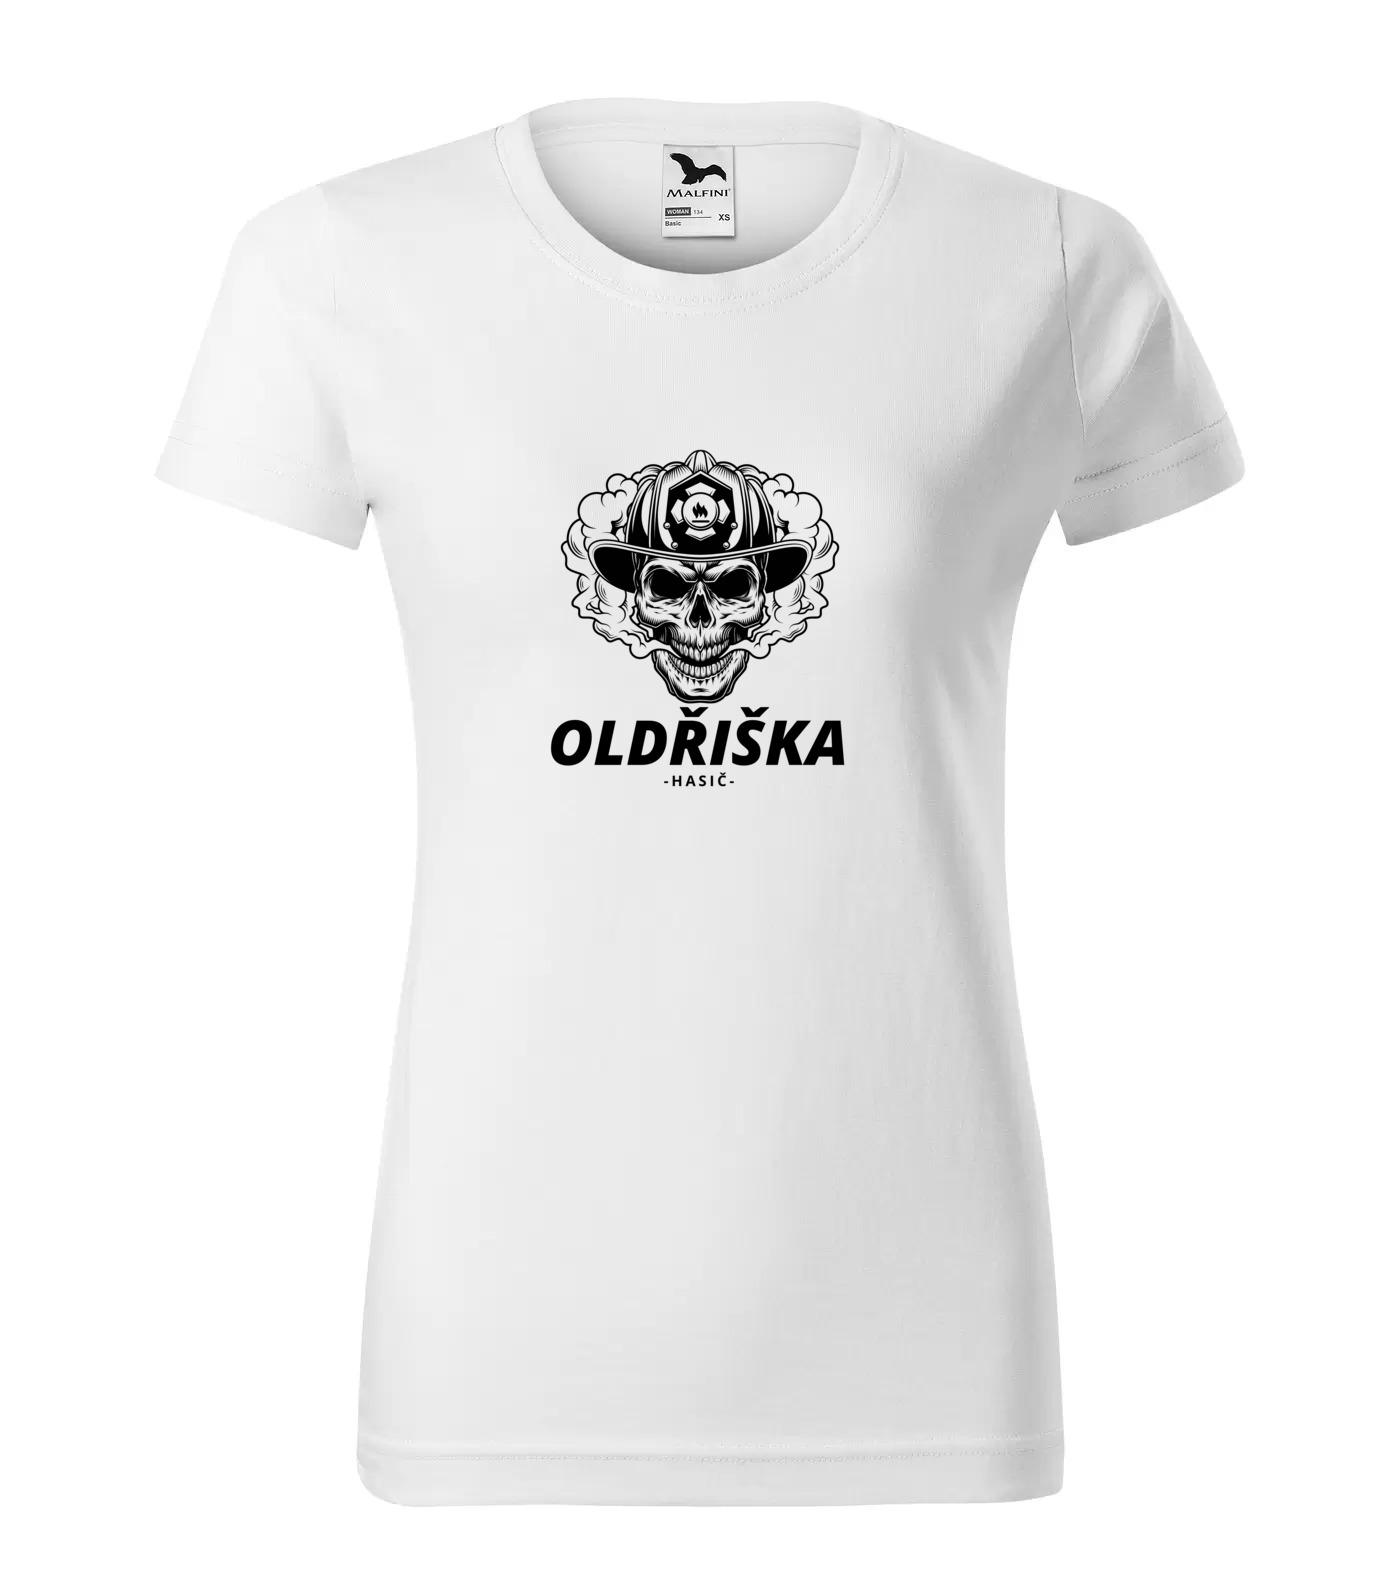 Tričko Hasič Oldřiška